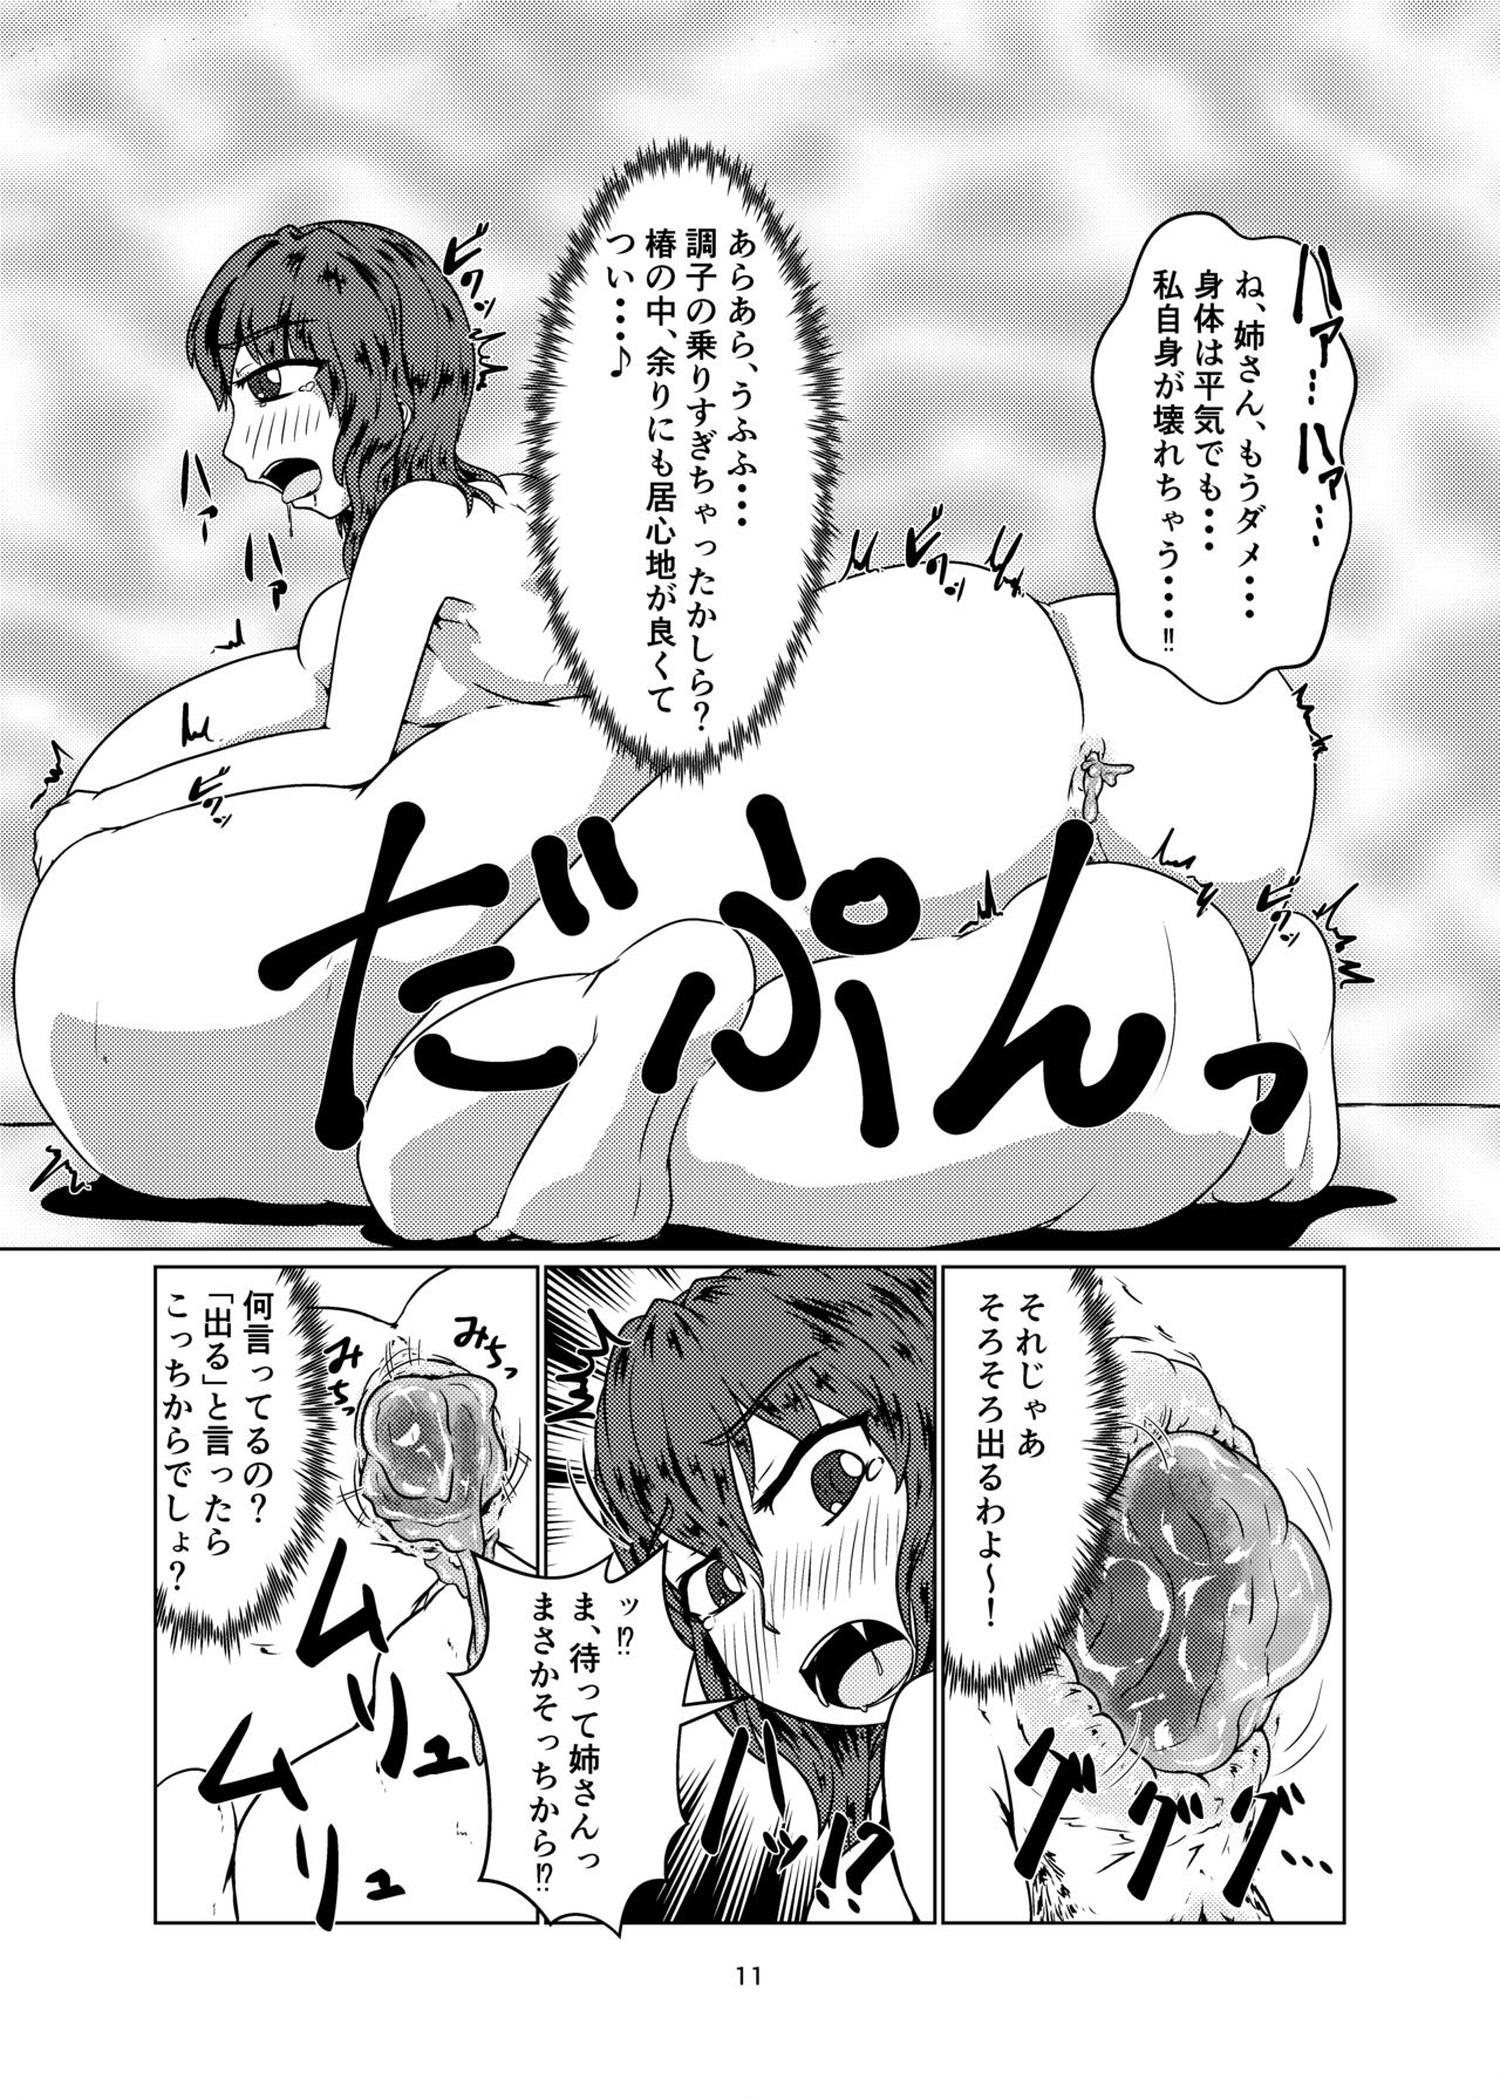 【エロ漫画】スライムになってしまったお姉さんに、身動きできなくされてお尻から姉さんが入って来ちゃう!【無料 エロ同人誌】 (10)